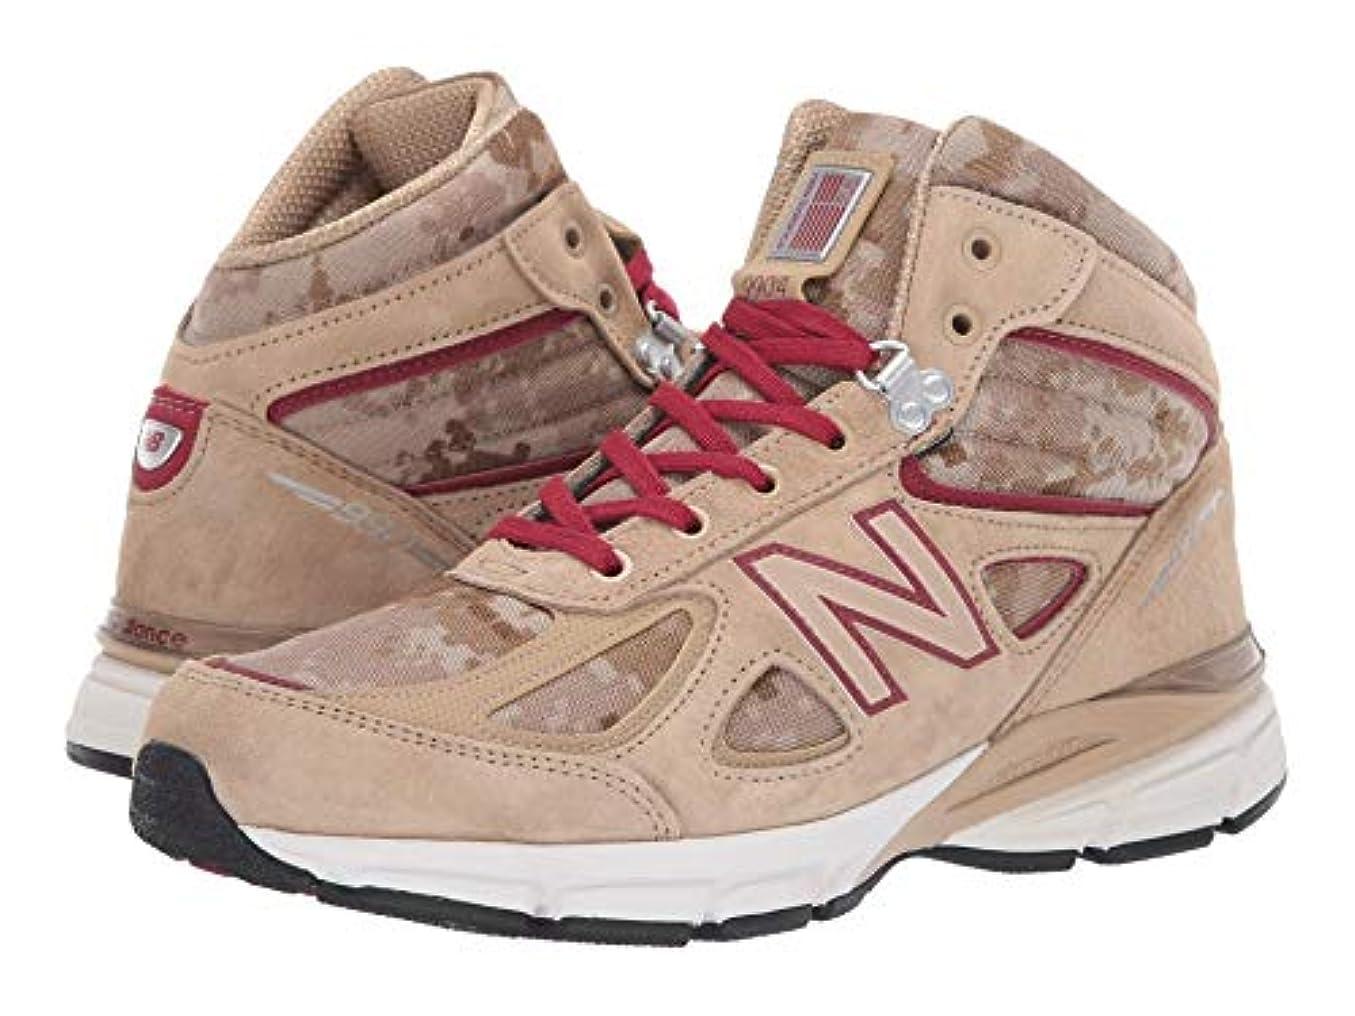 複雑ウェーハ検索[ニューバランス] メンズランニングシューズ?スニーカー?靴 990v4 Boot Incense/NB Scarlet 8.5 (26.5cm) D - Medium [並行輸入品]